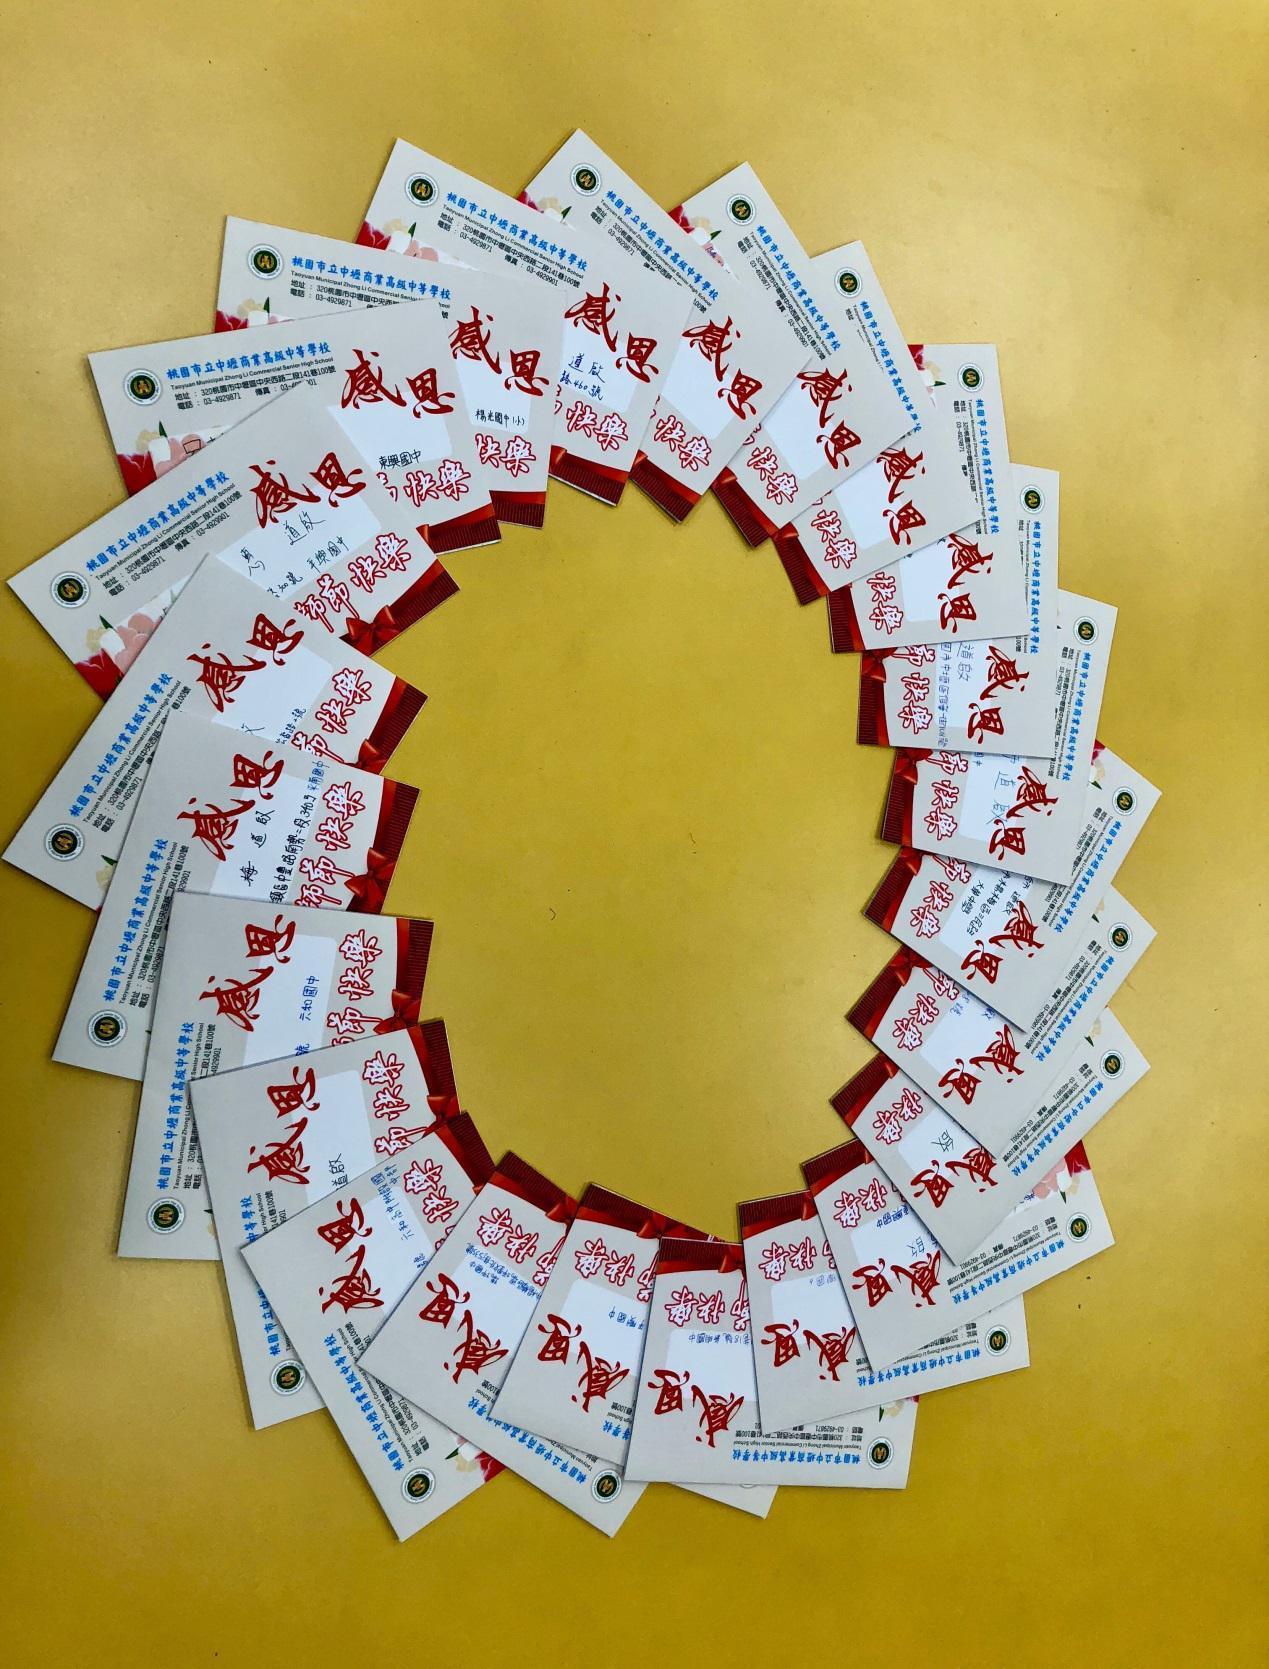 中壢高商設計精美的謝師卡,還請來書法家林浩志題字。圖/中壢高商提供